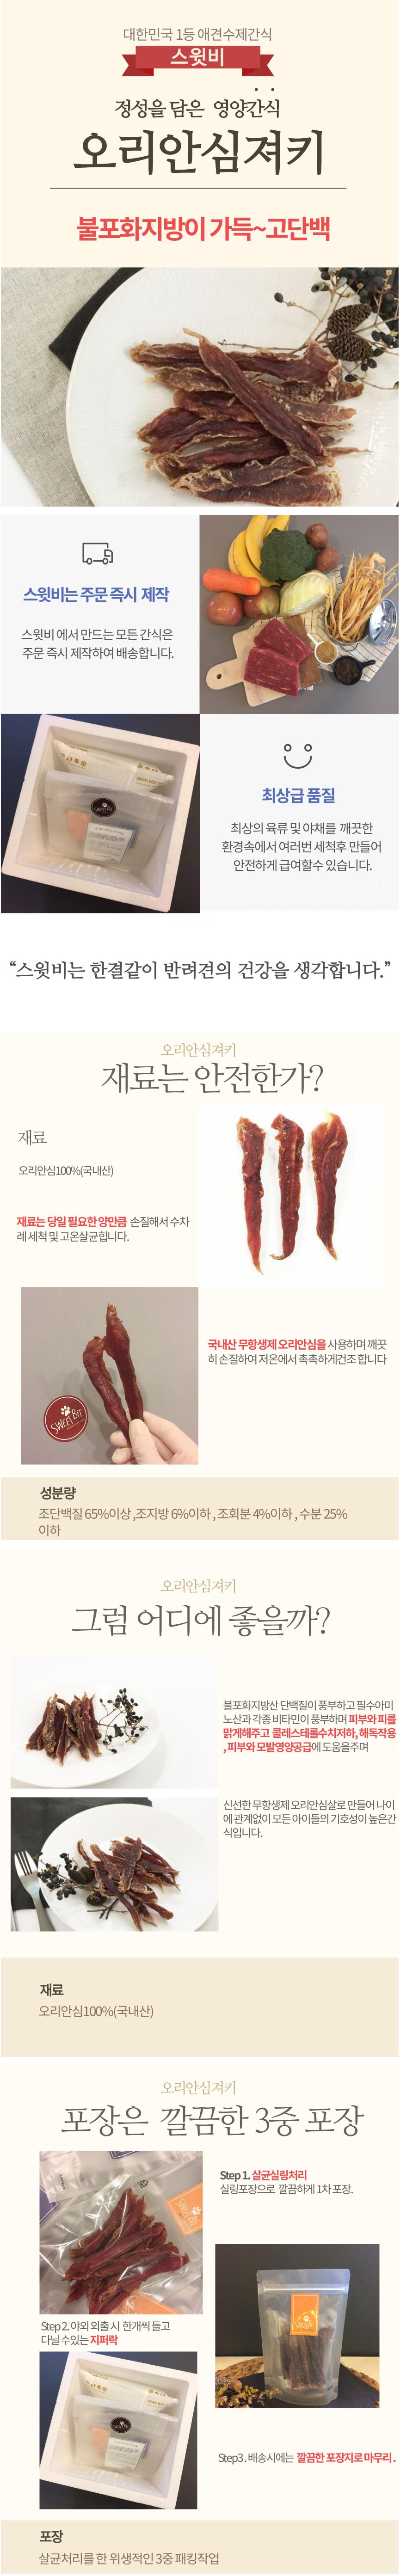 스윗비 강아지 수제간식 오리안심져키 60g - 스윗비, 6,000원, 간식/영양제, 수제간식